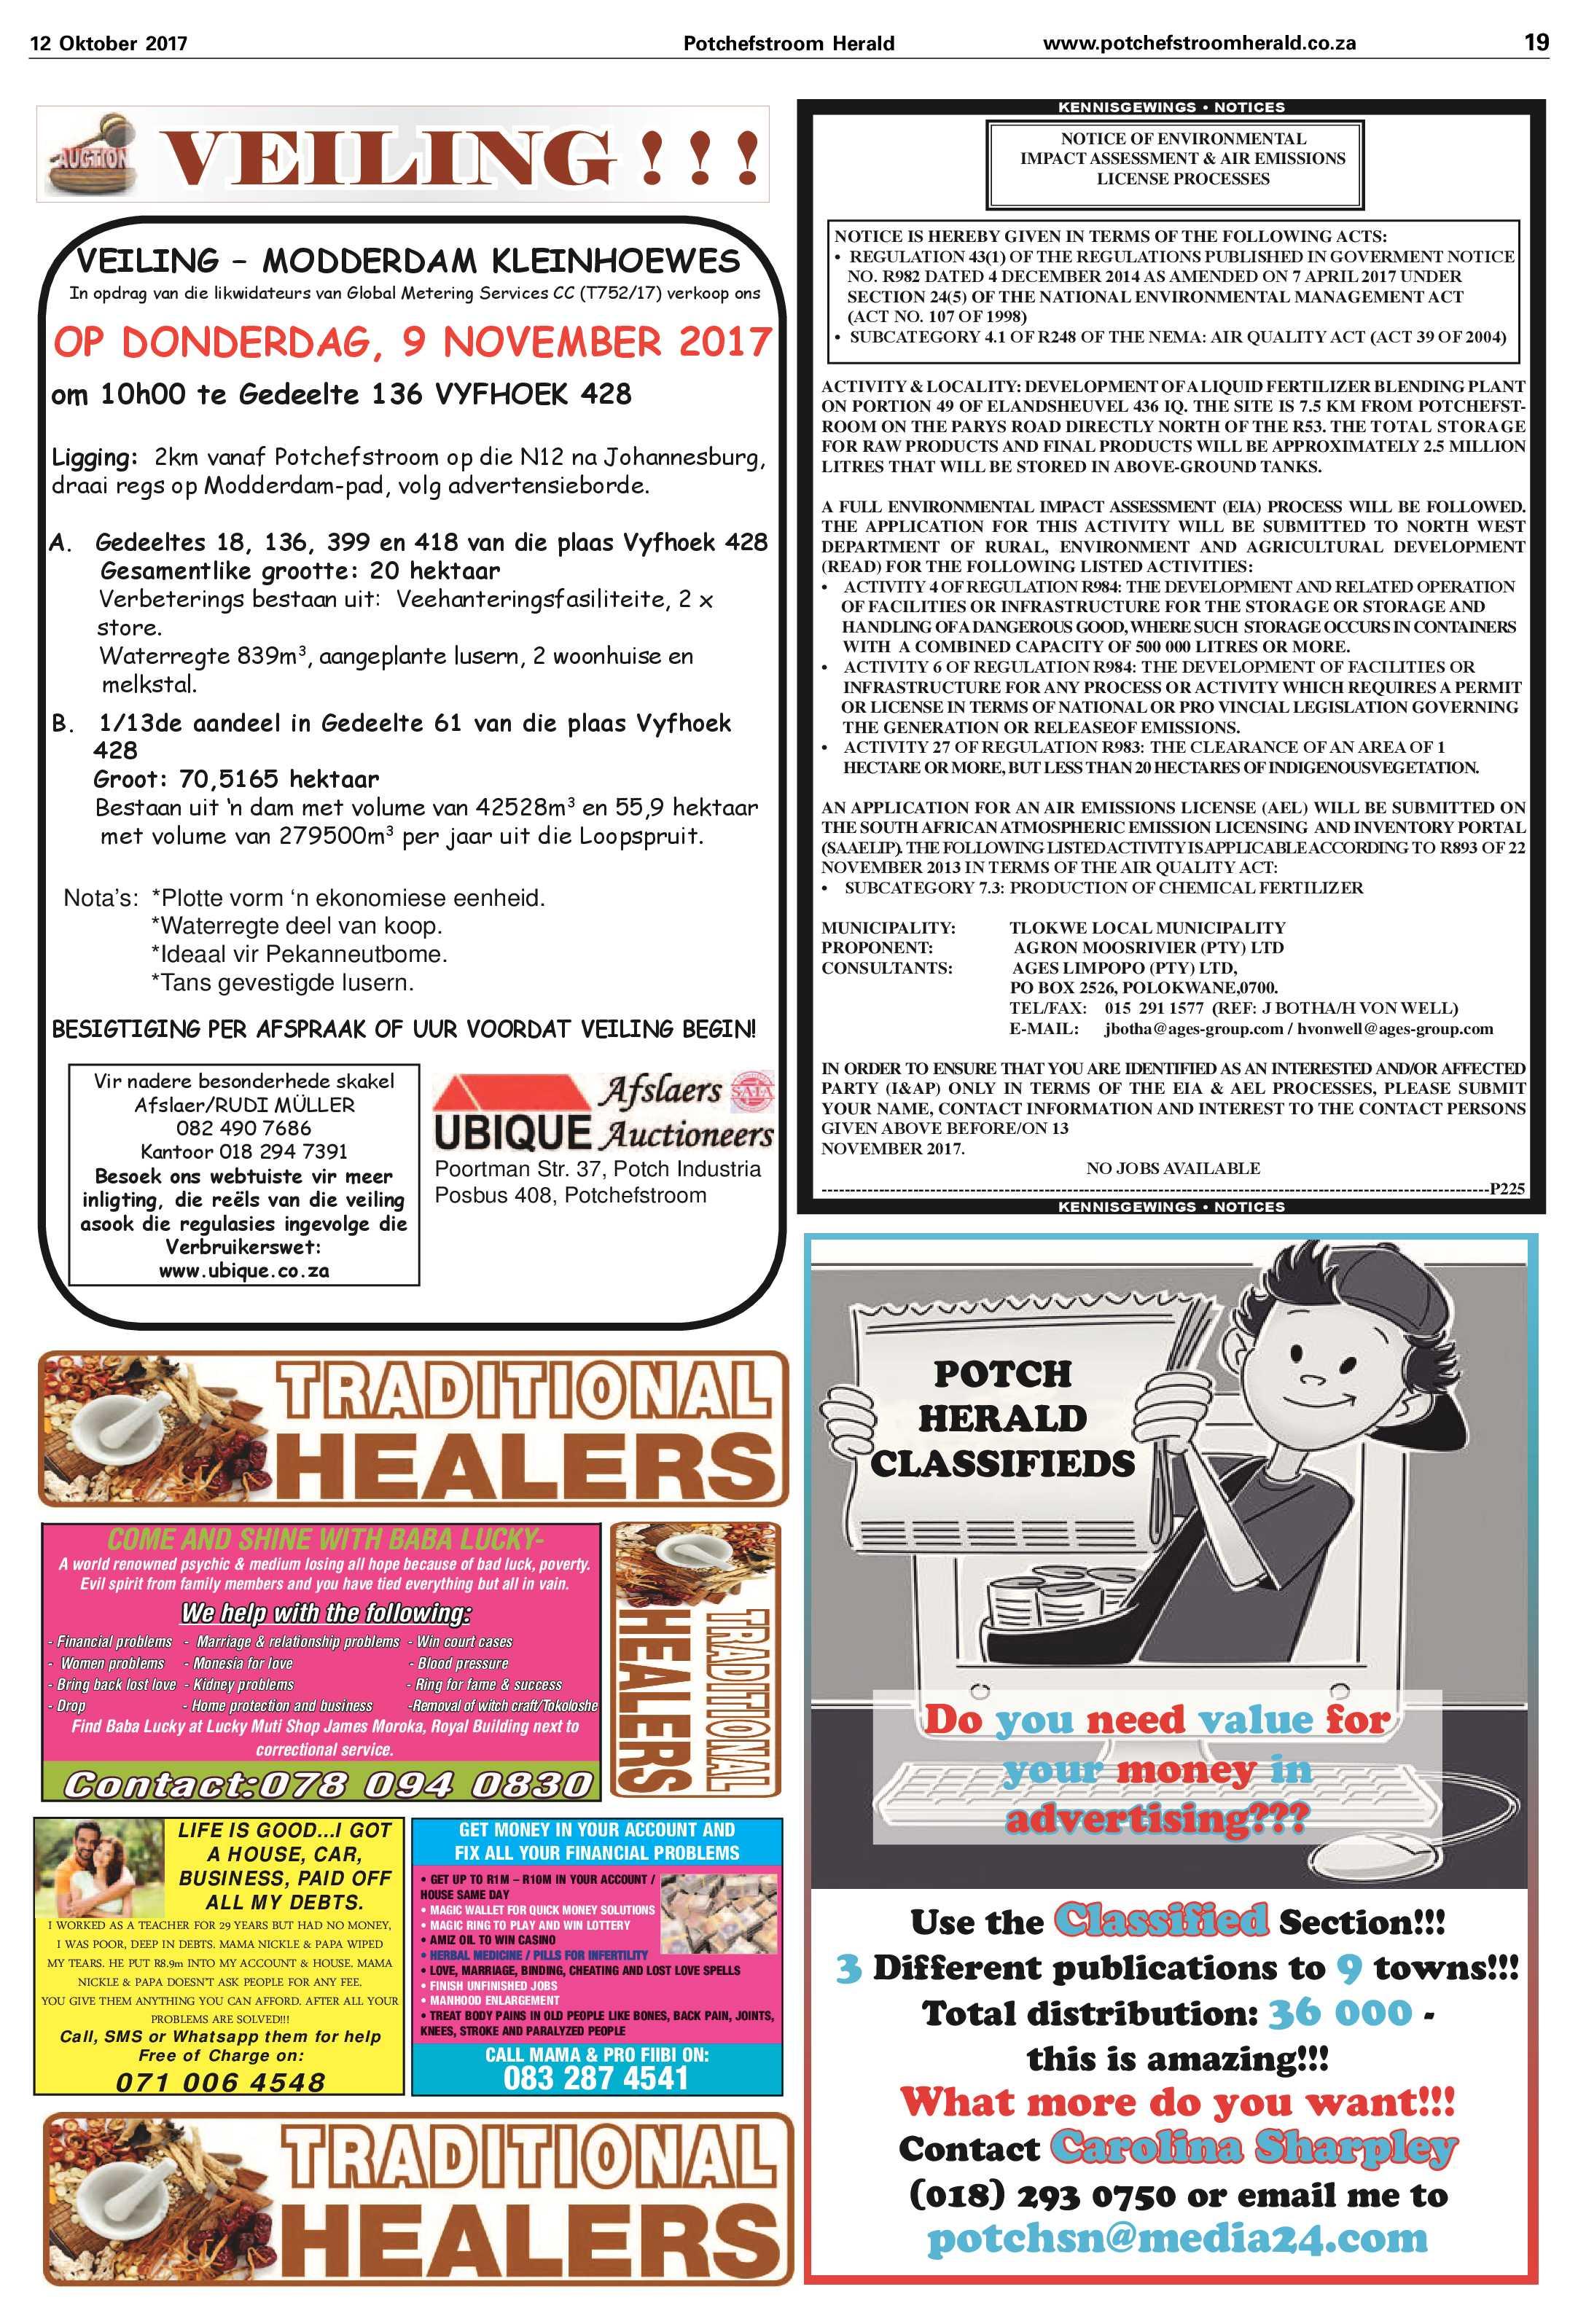 12-oktober-2017-epapers-page-19